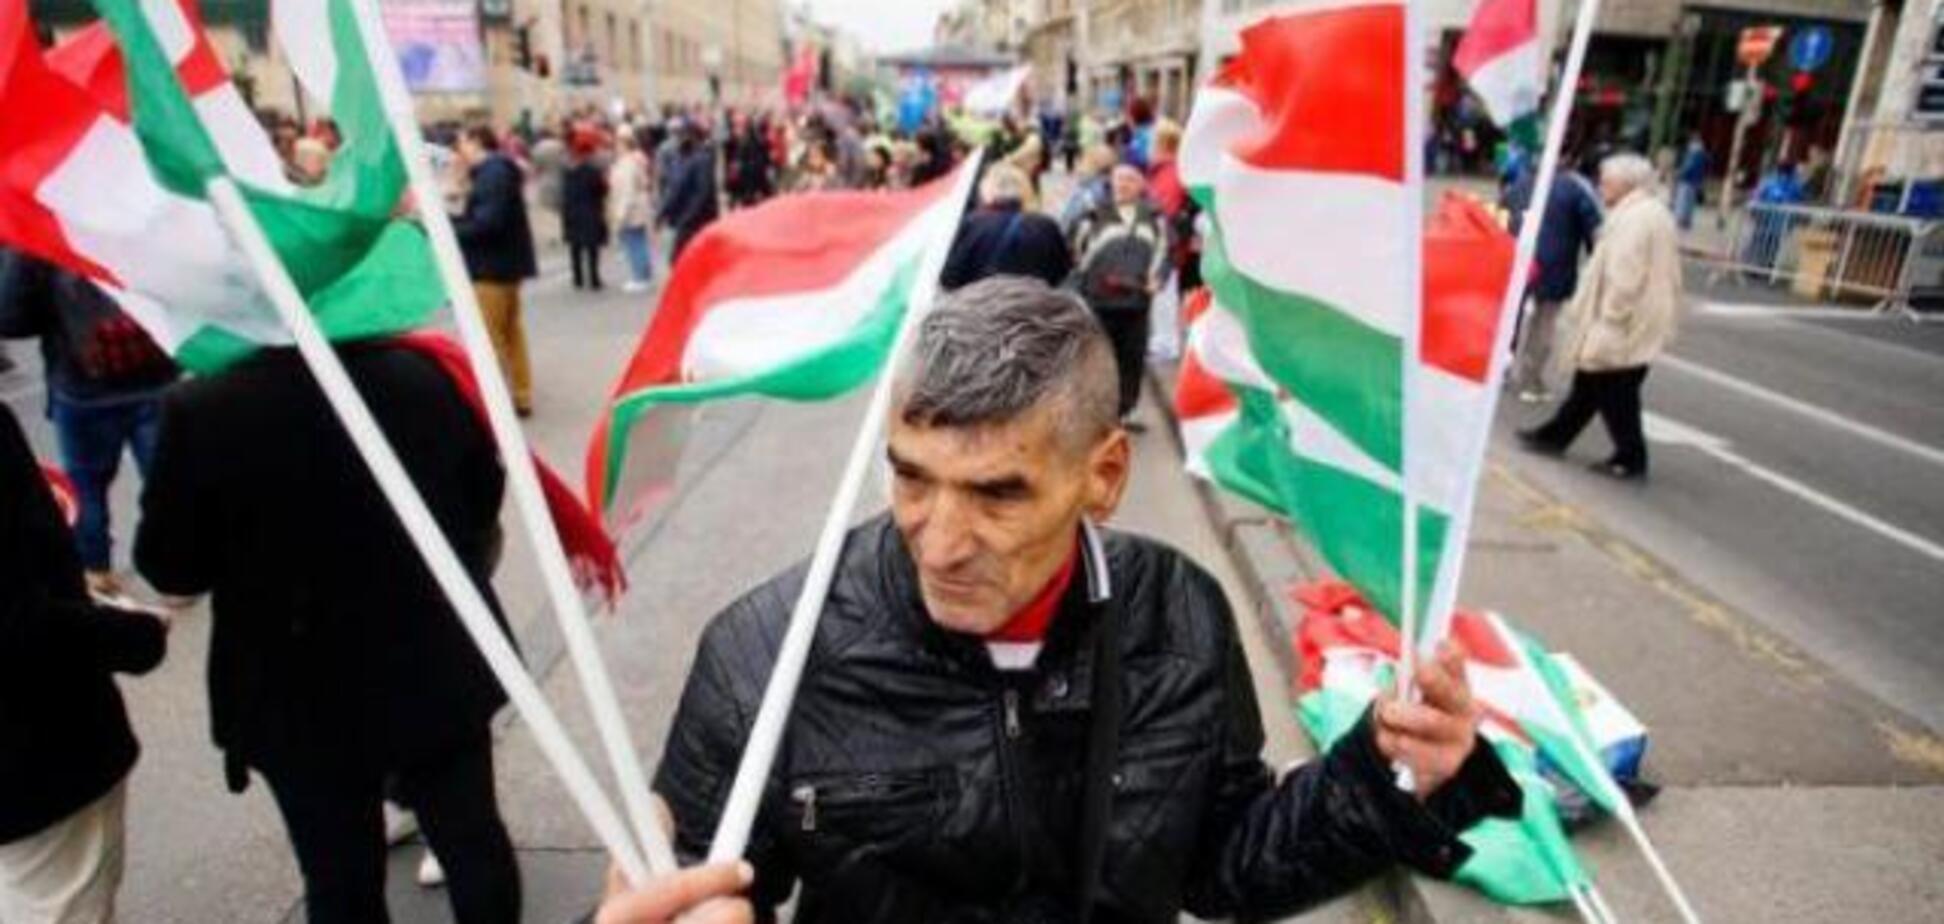 'Там мало України': Клімкін жорстко висловився про Угорщину на Закарпатті